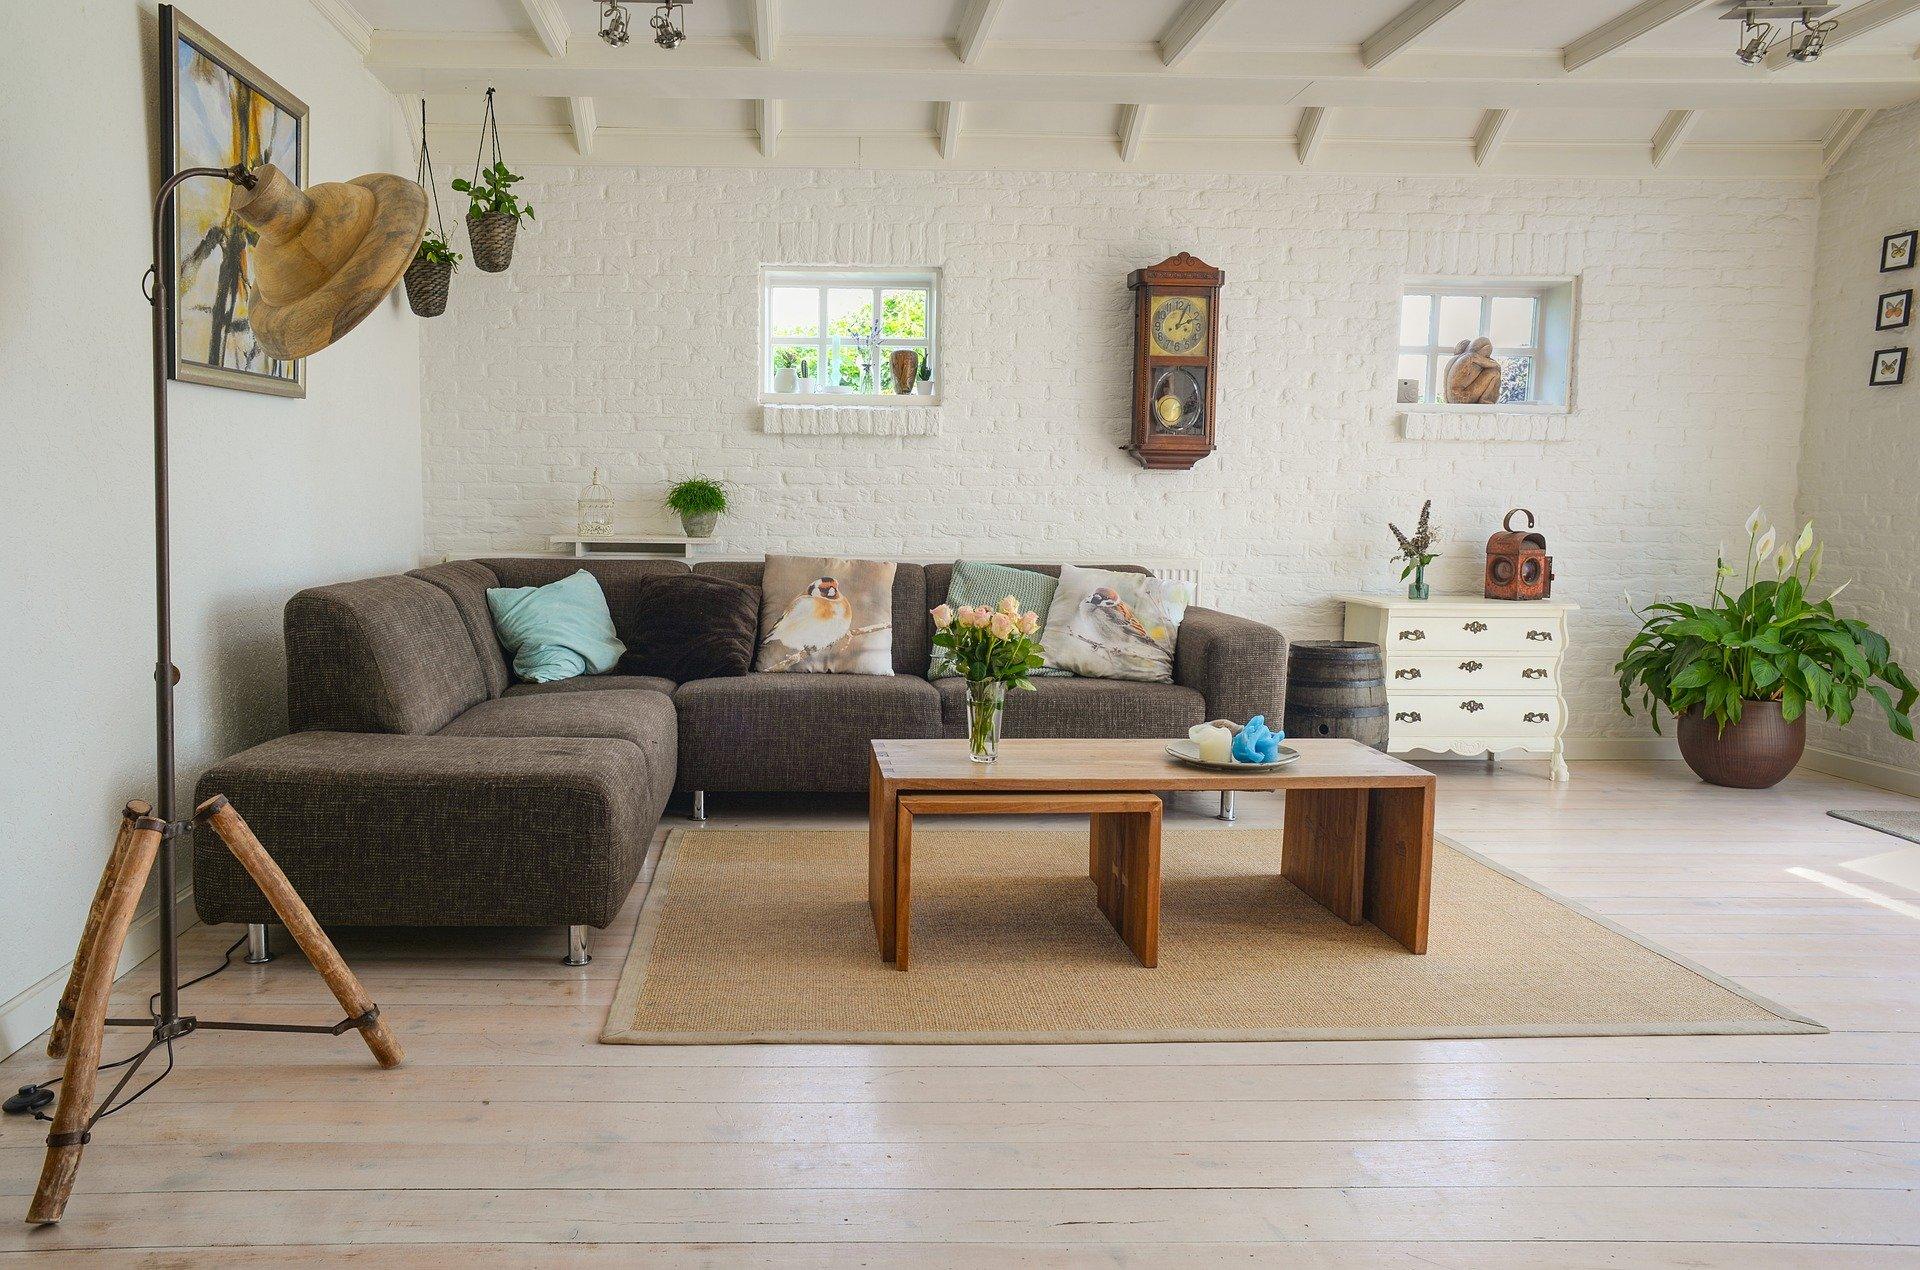 Effectief omgaan met de ruimte in huis